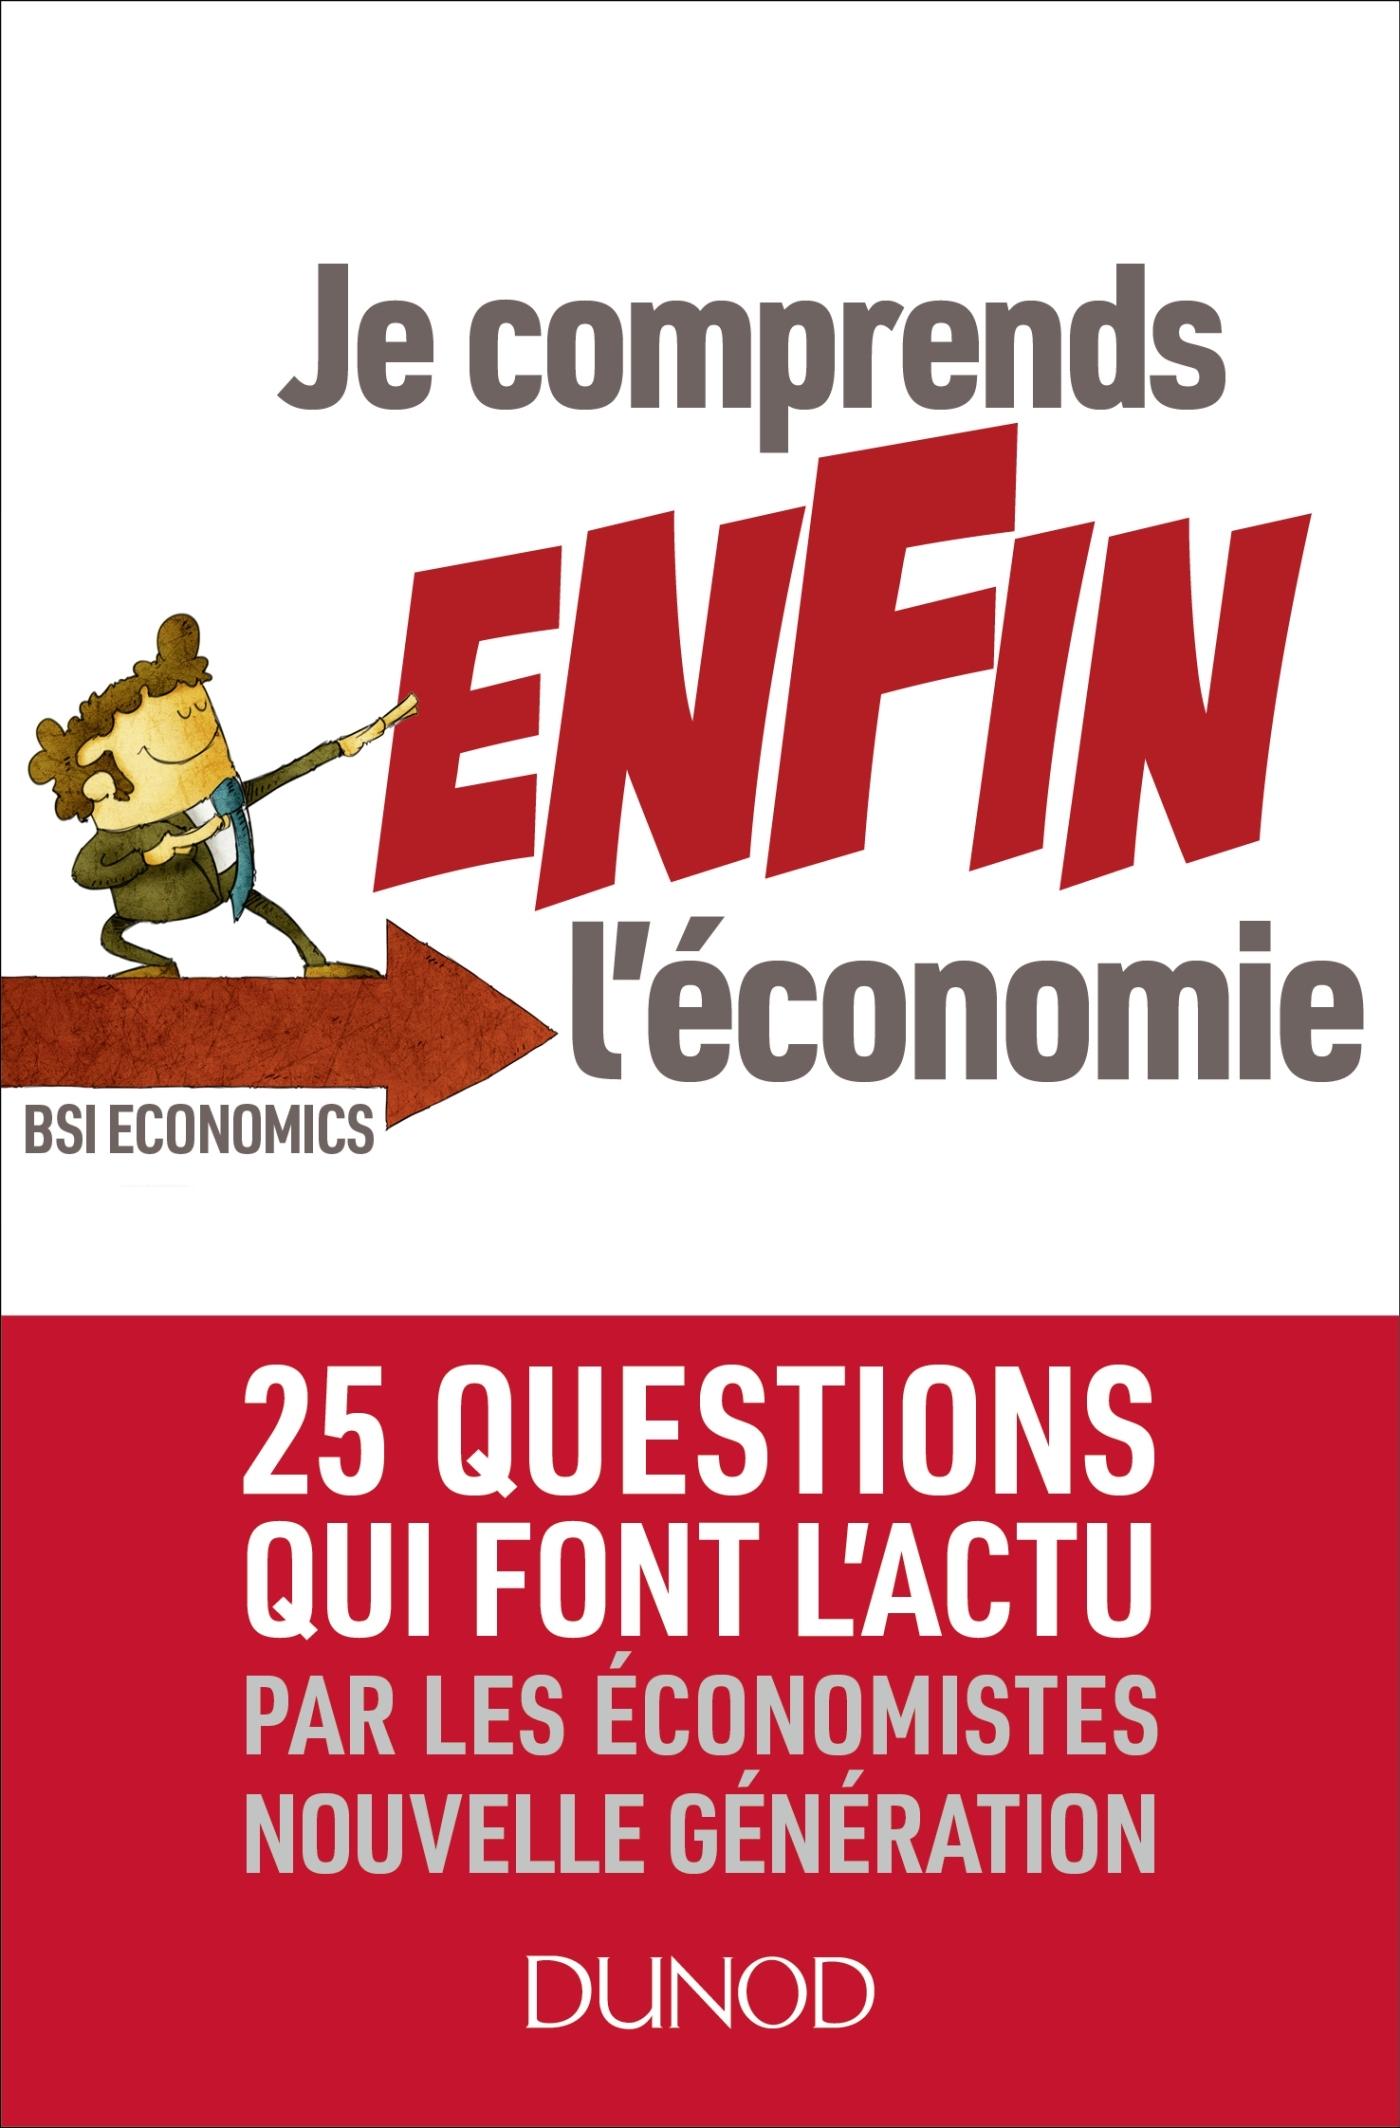 JE COMPRENDS ENFIN L'ECONOMIE - 25 QUESTIONS QUI FONT L'ACTU PAR LES ECONOMISTES NOUVELLE GENERATI -